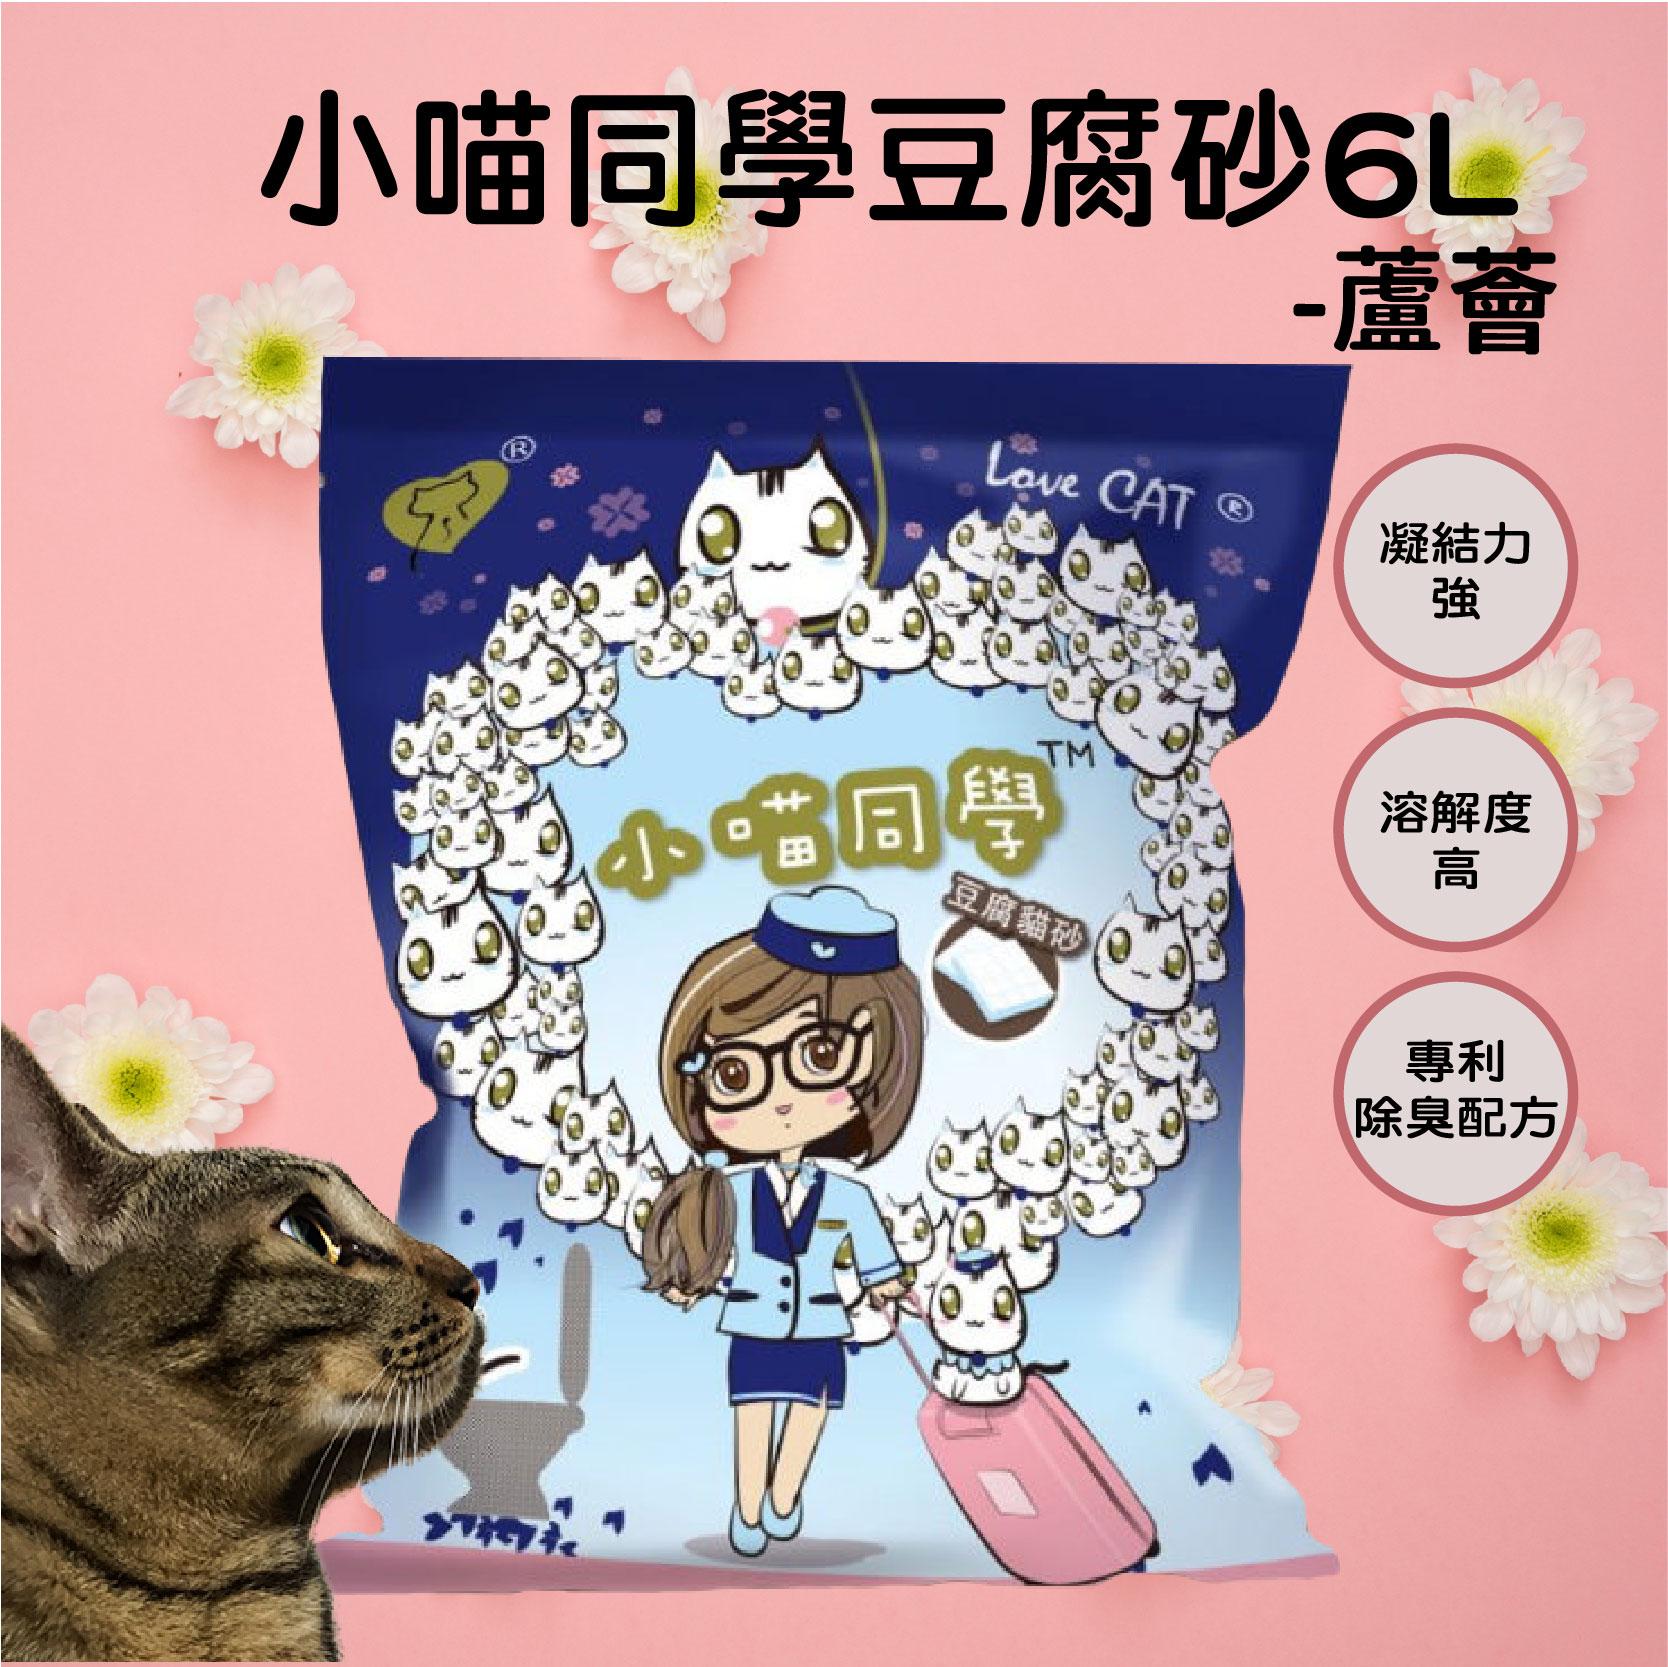 門市好評熱賣 小喵同學豆腐砂 蘆薈味6L 貓砂 豆腐貓砂 低粉塵 可溶解 可沖馬桶 抑臭 貓用品 寵物用品 寵物